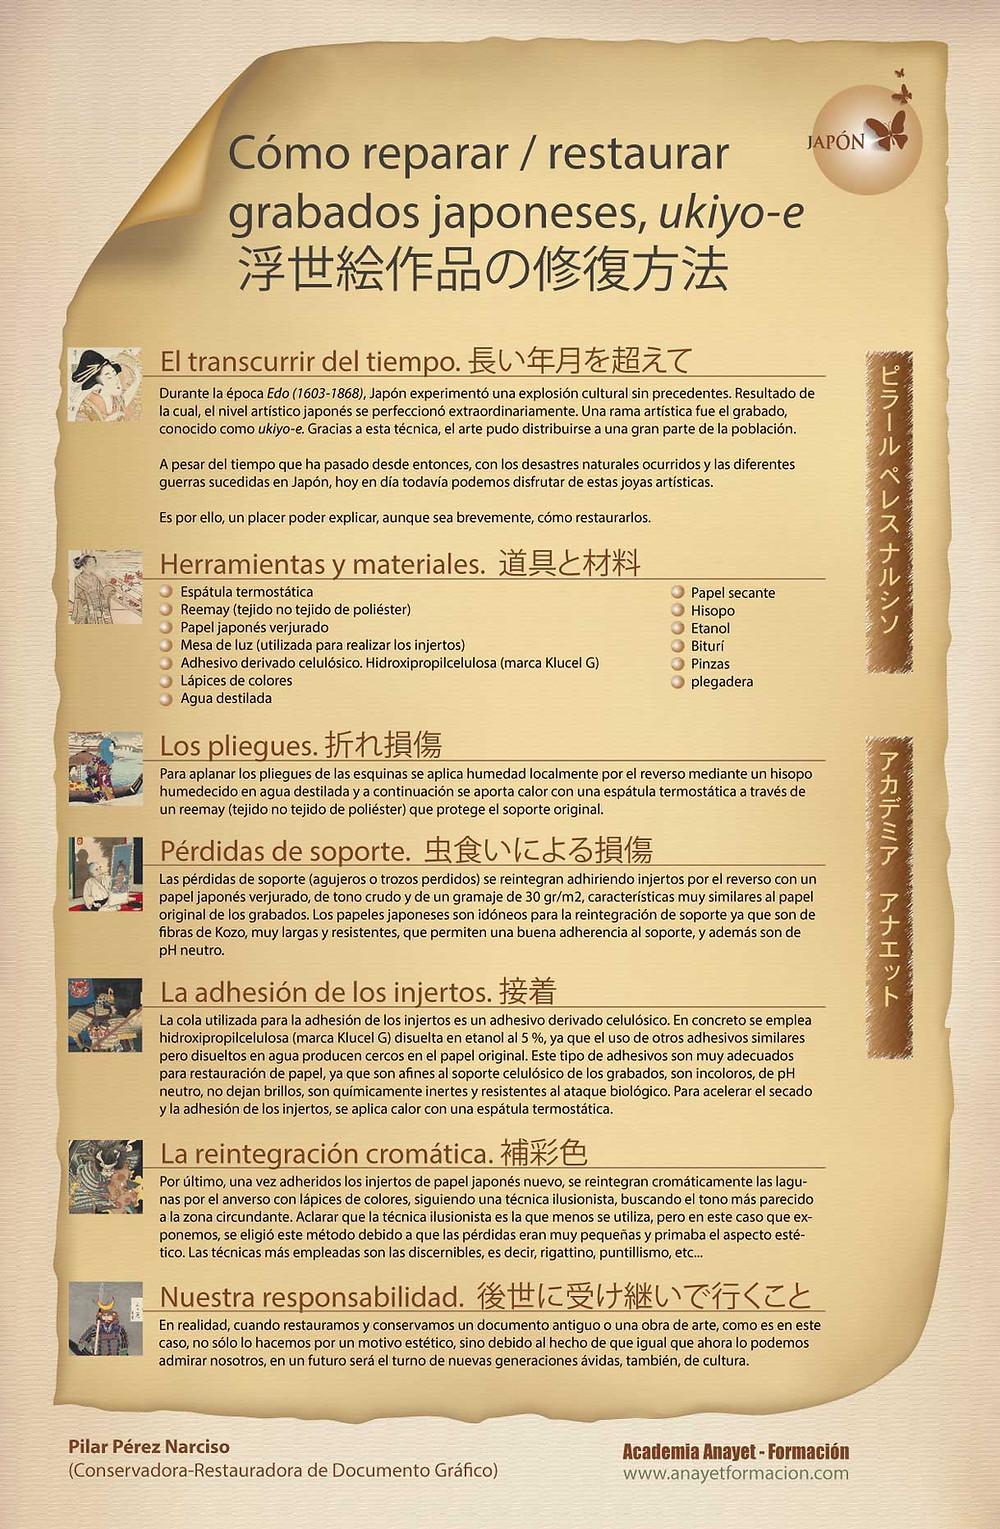 Reparar un grabado japonés, ukiyo-e, en Zaragoza.